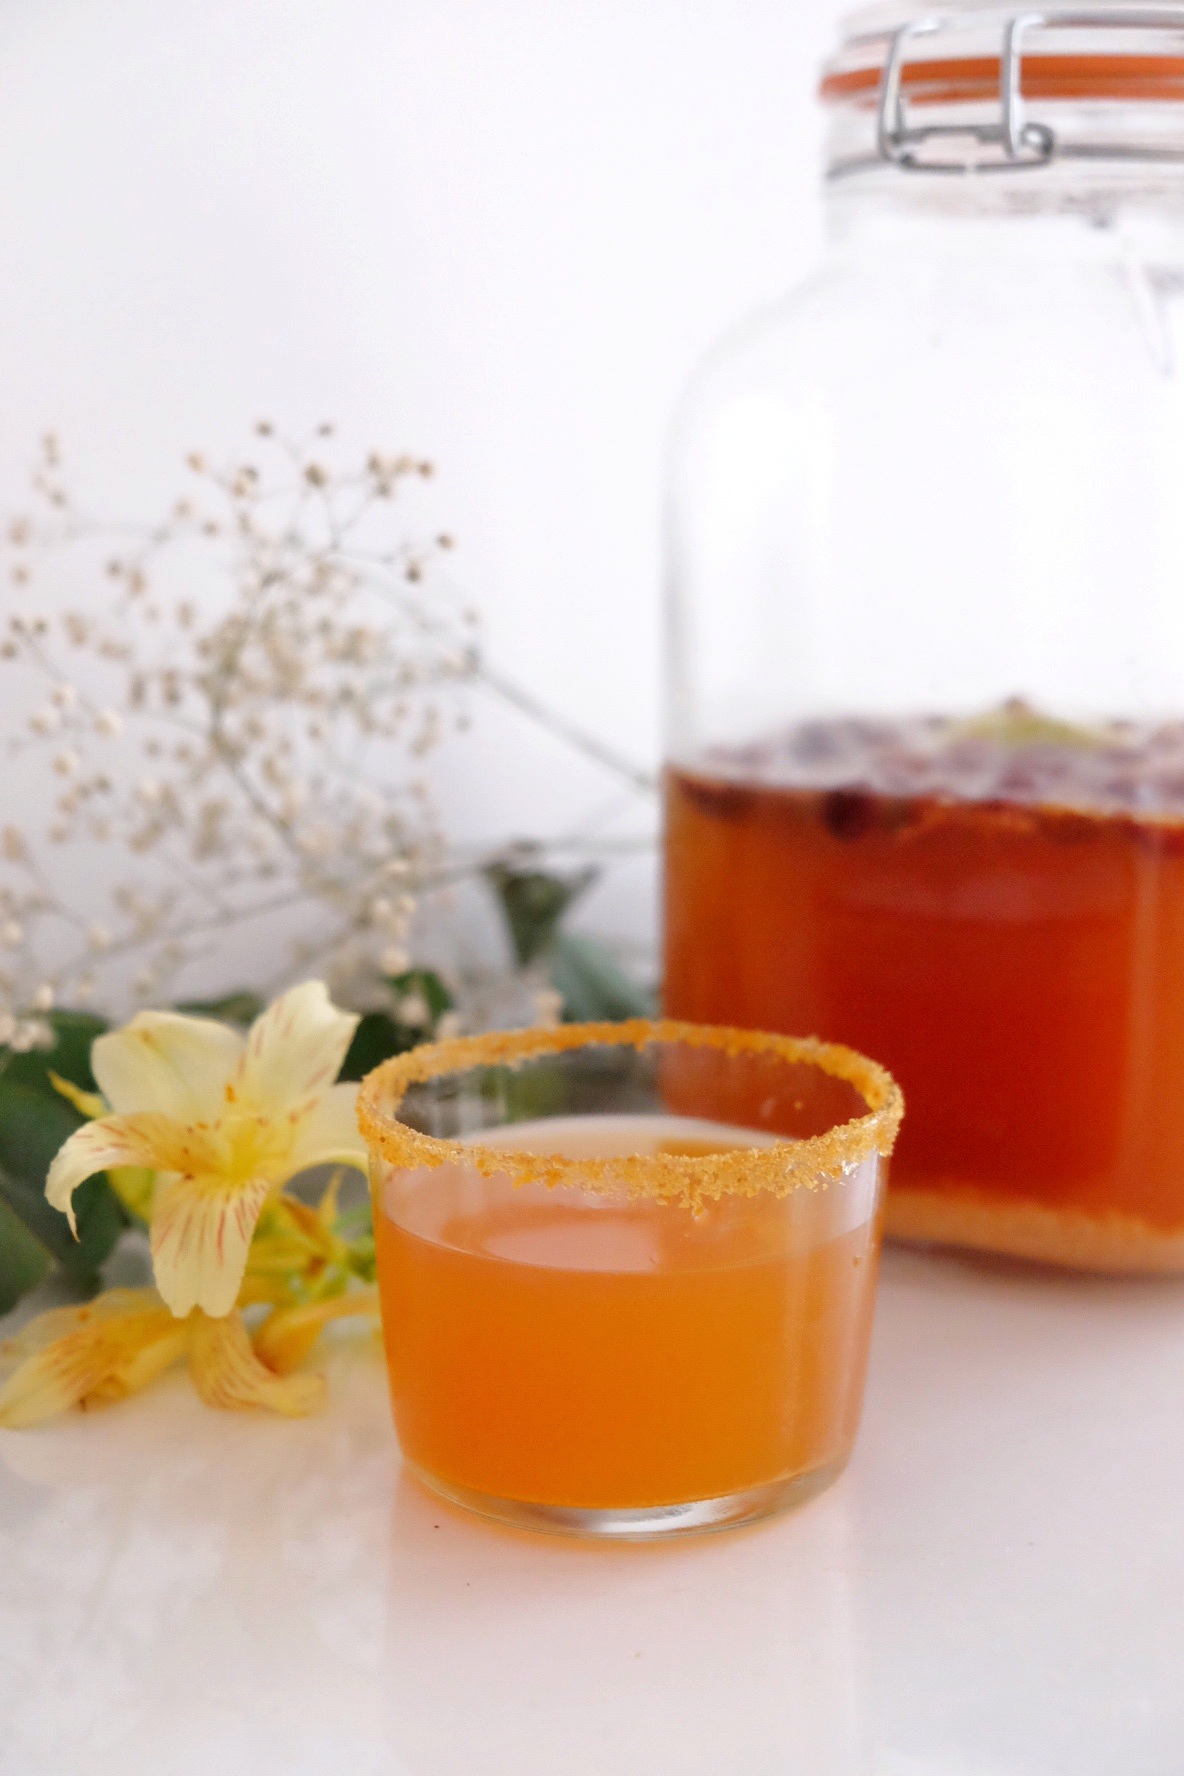 Water Kefir, an antibiotic drink